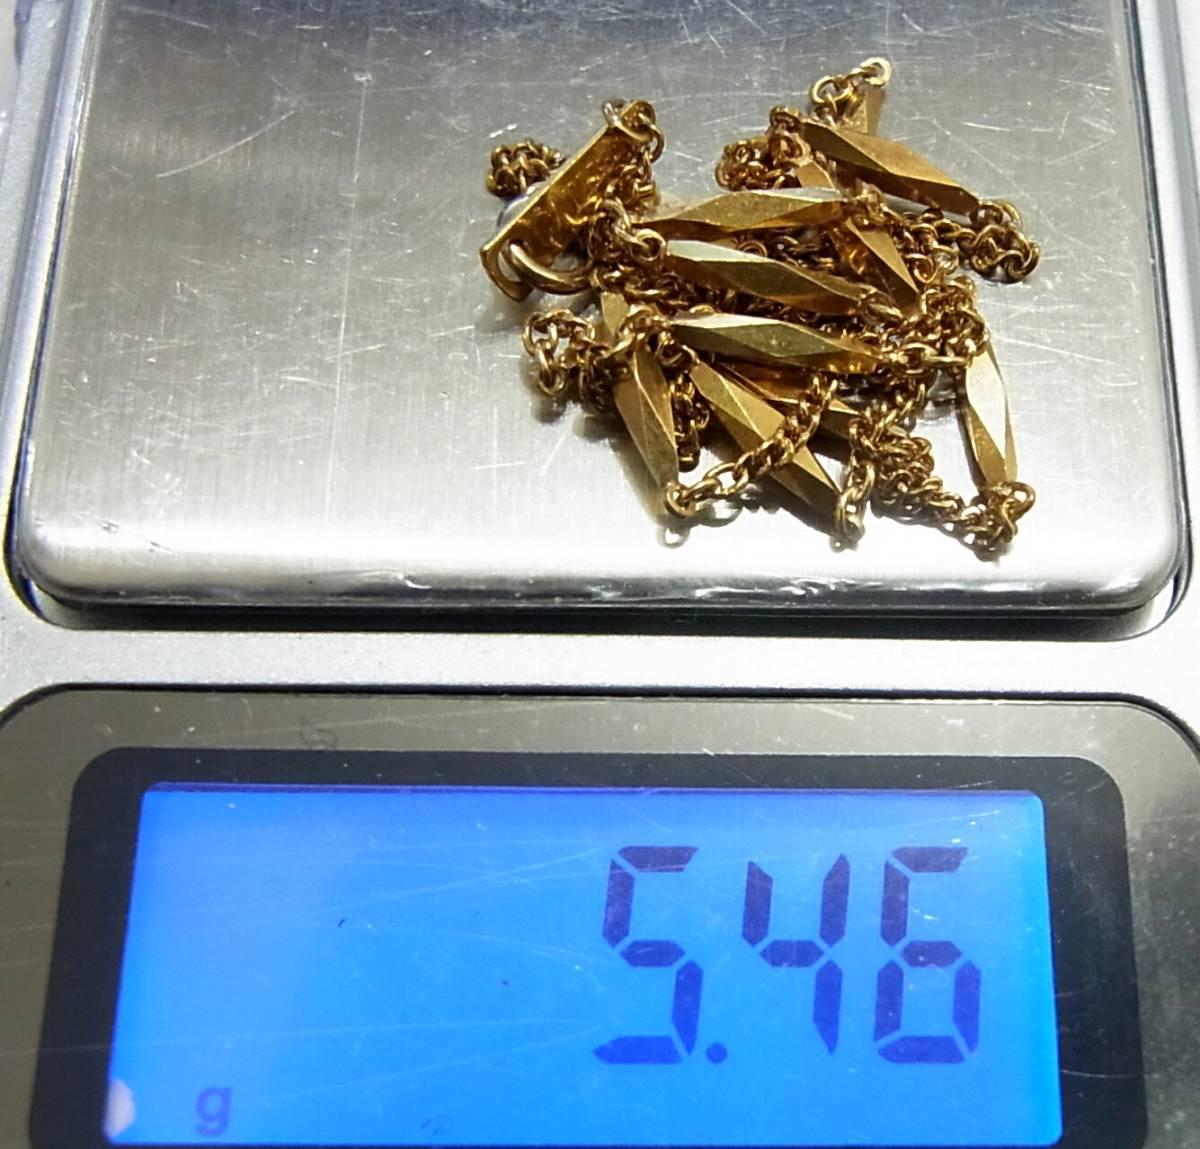 シチズン K18 切子ネックレス40cm イエローゴールド CITIZEN 18金 K18YG 造幣局ホールマーク 750YG 5.46g 地金GOLD日本製レディース女性用_画像3